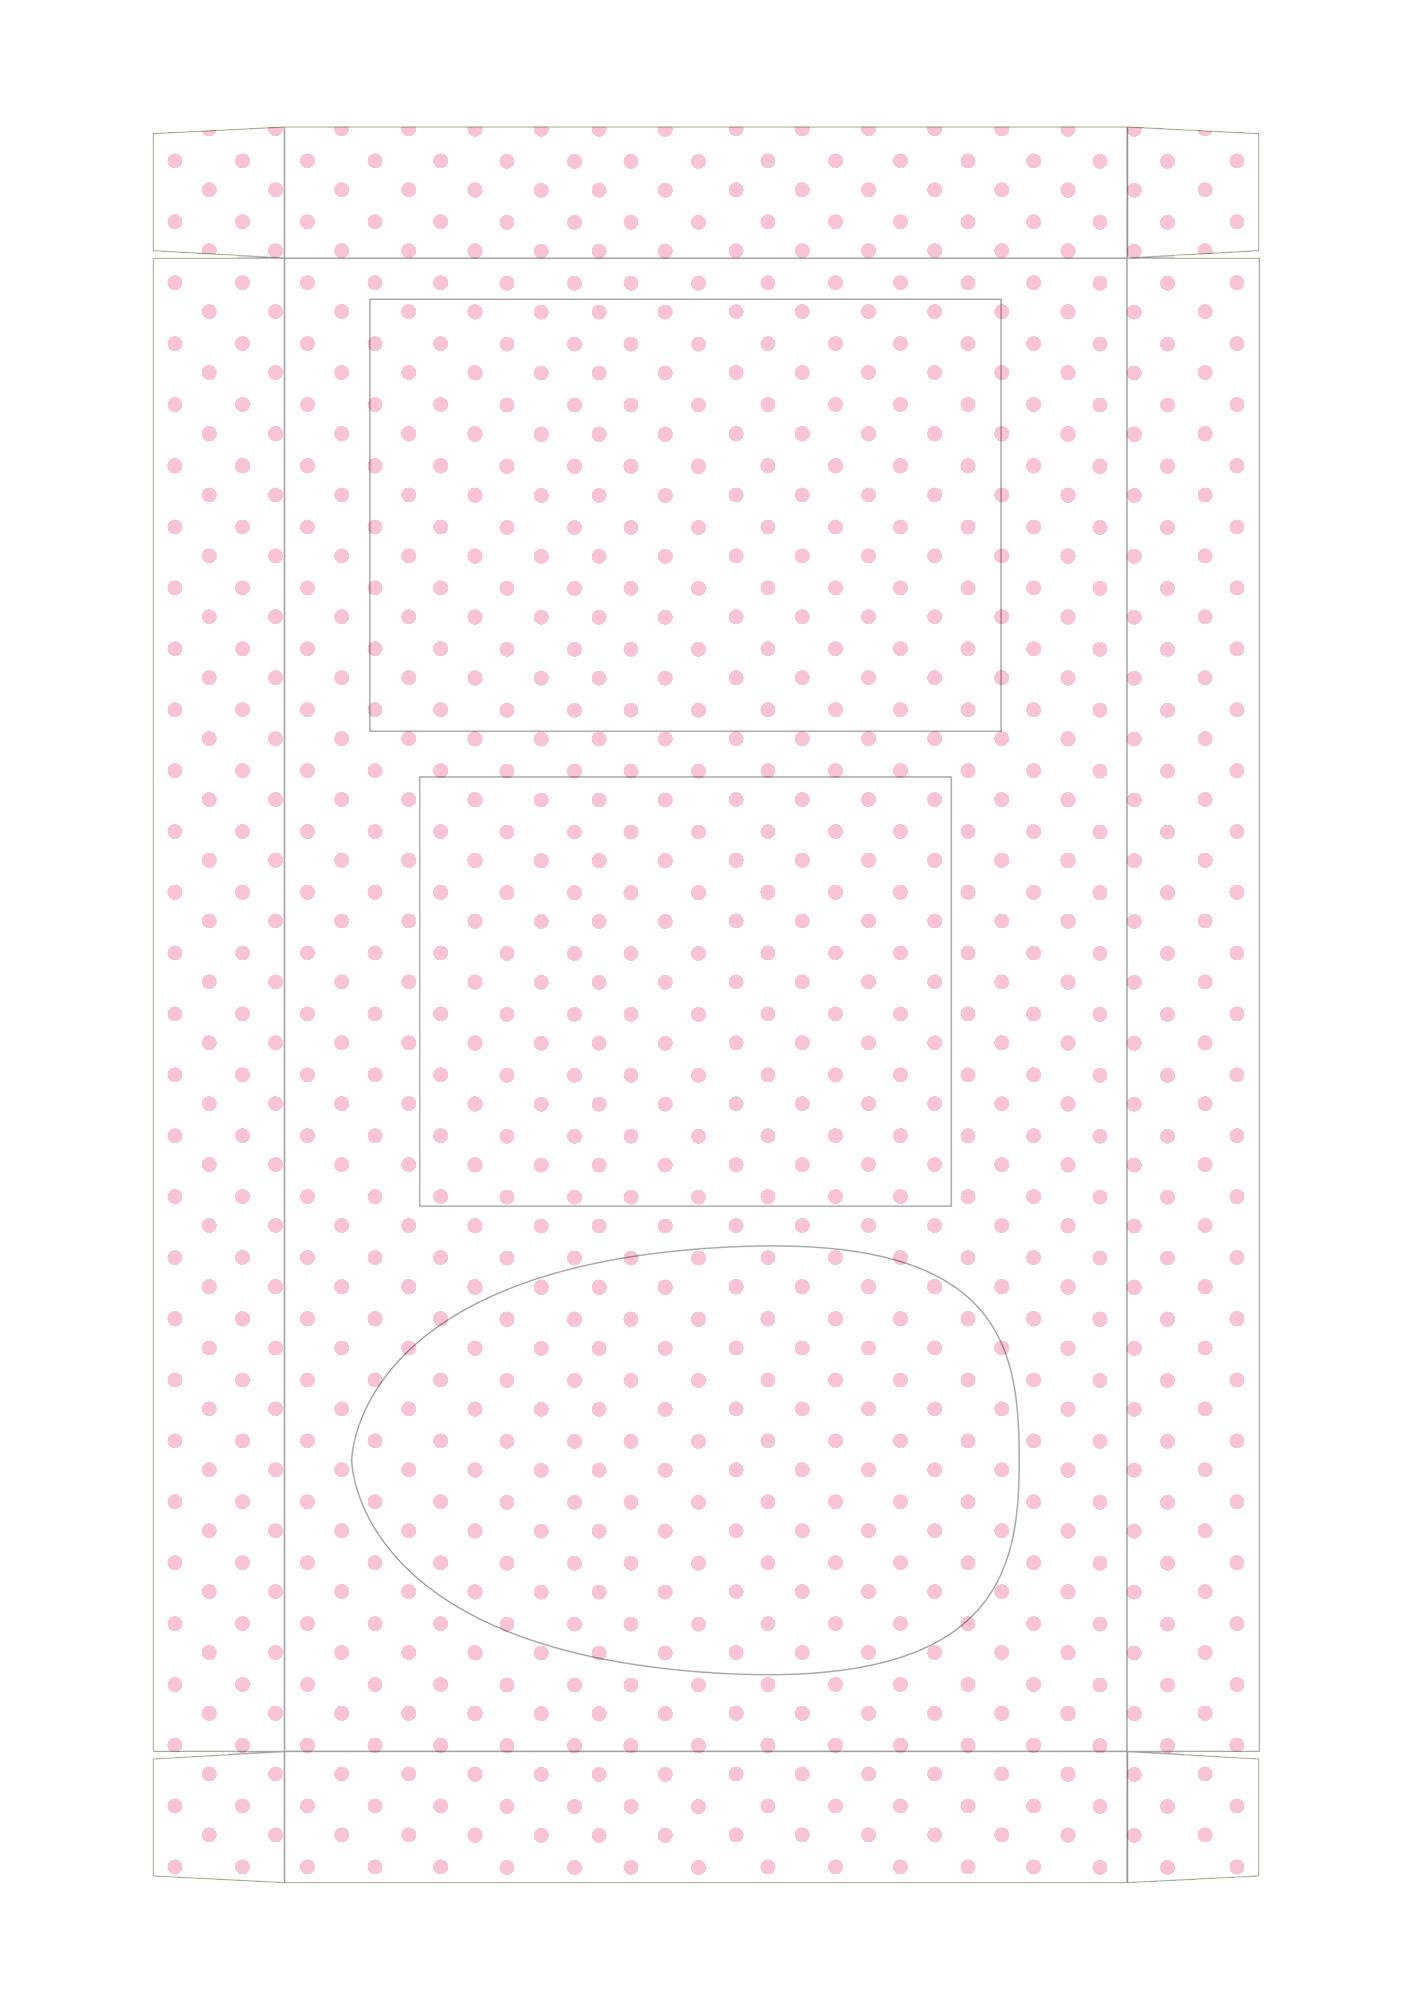 Caixa Kit Mini Confeiteiro para Páscoa 3 - parte de dentro